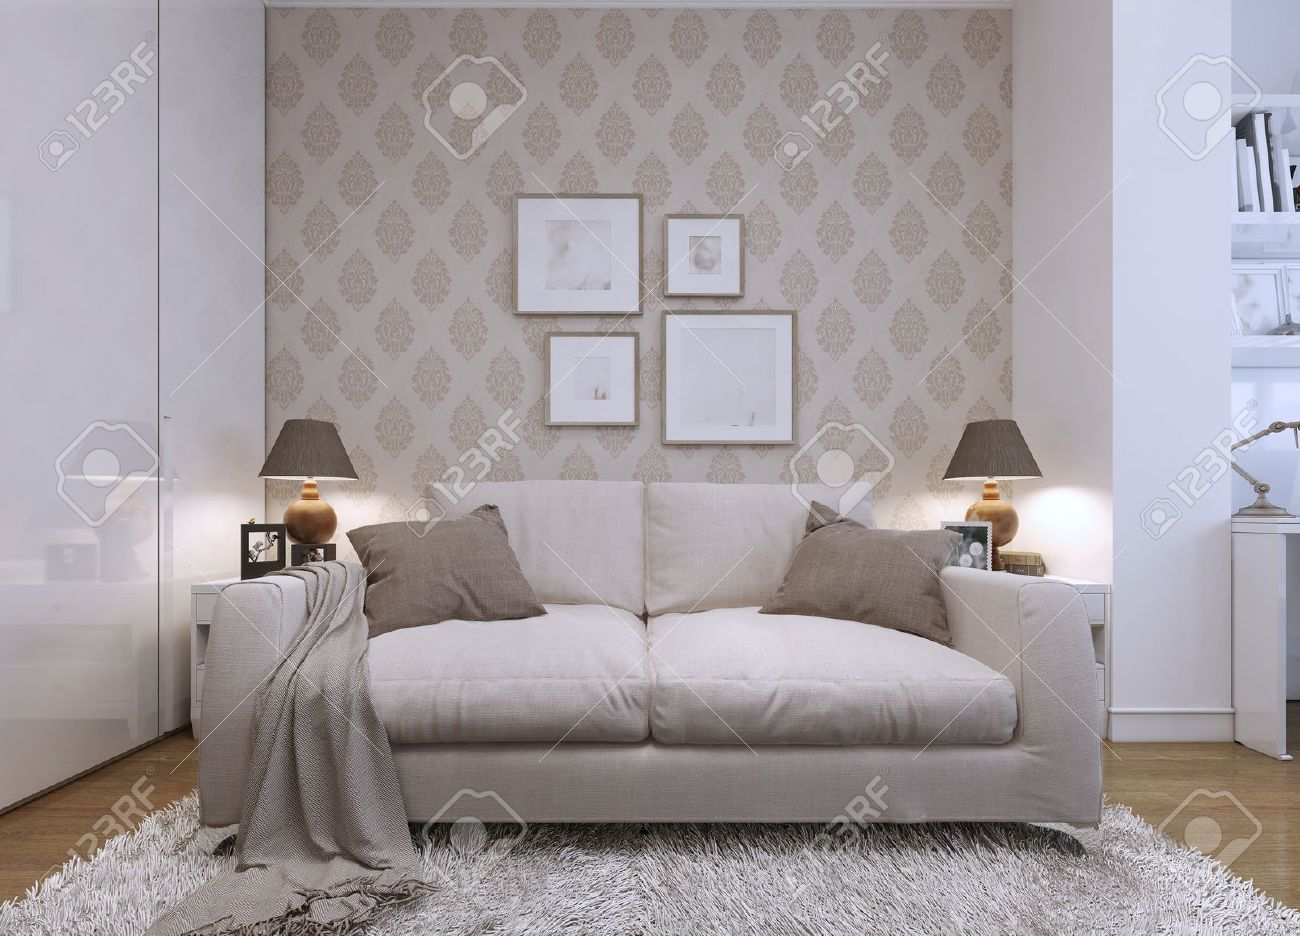 Beige Sofa Im Wohnzimmer In Einem Modernen Stil. Tapeten An Den Wänden Mit  Einem Muster